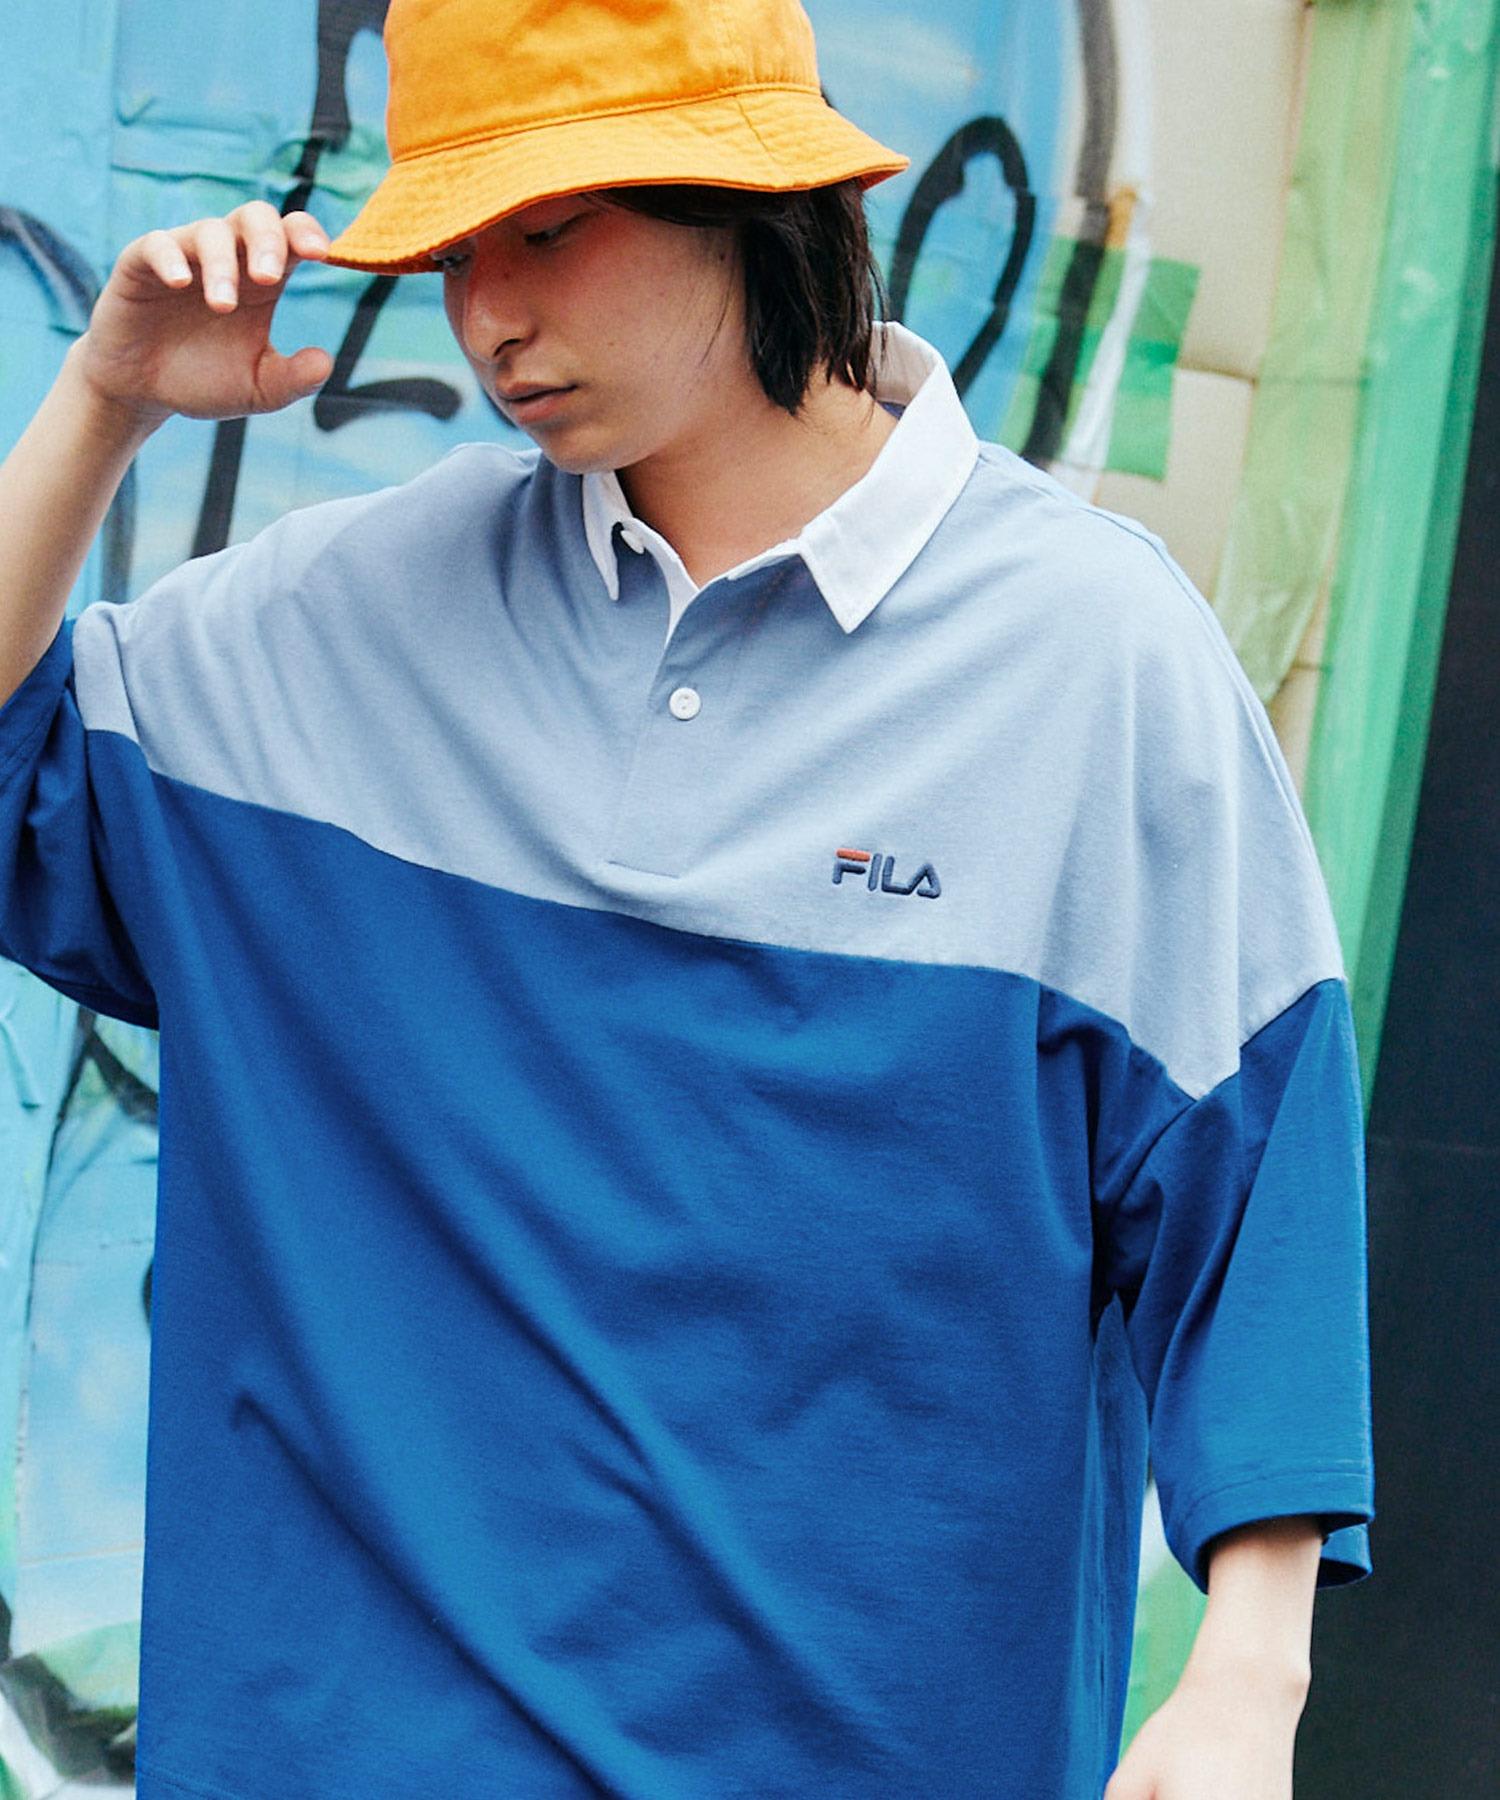 FILA/フィラ ビッグシルエットワンポイント刺繍半袖ラガーシャツ